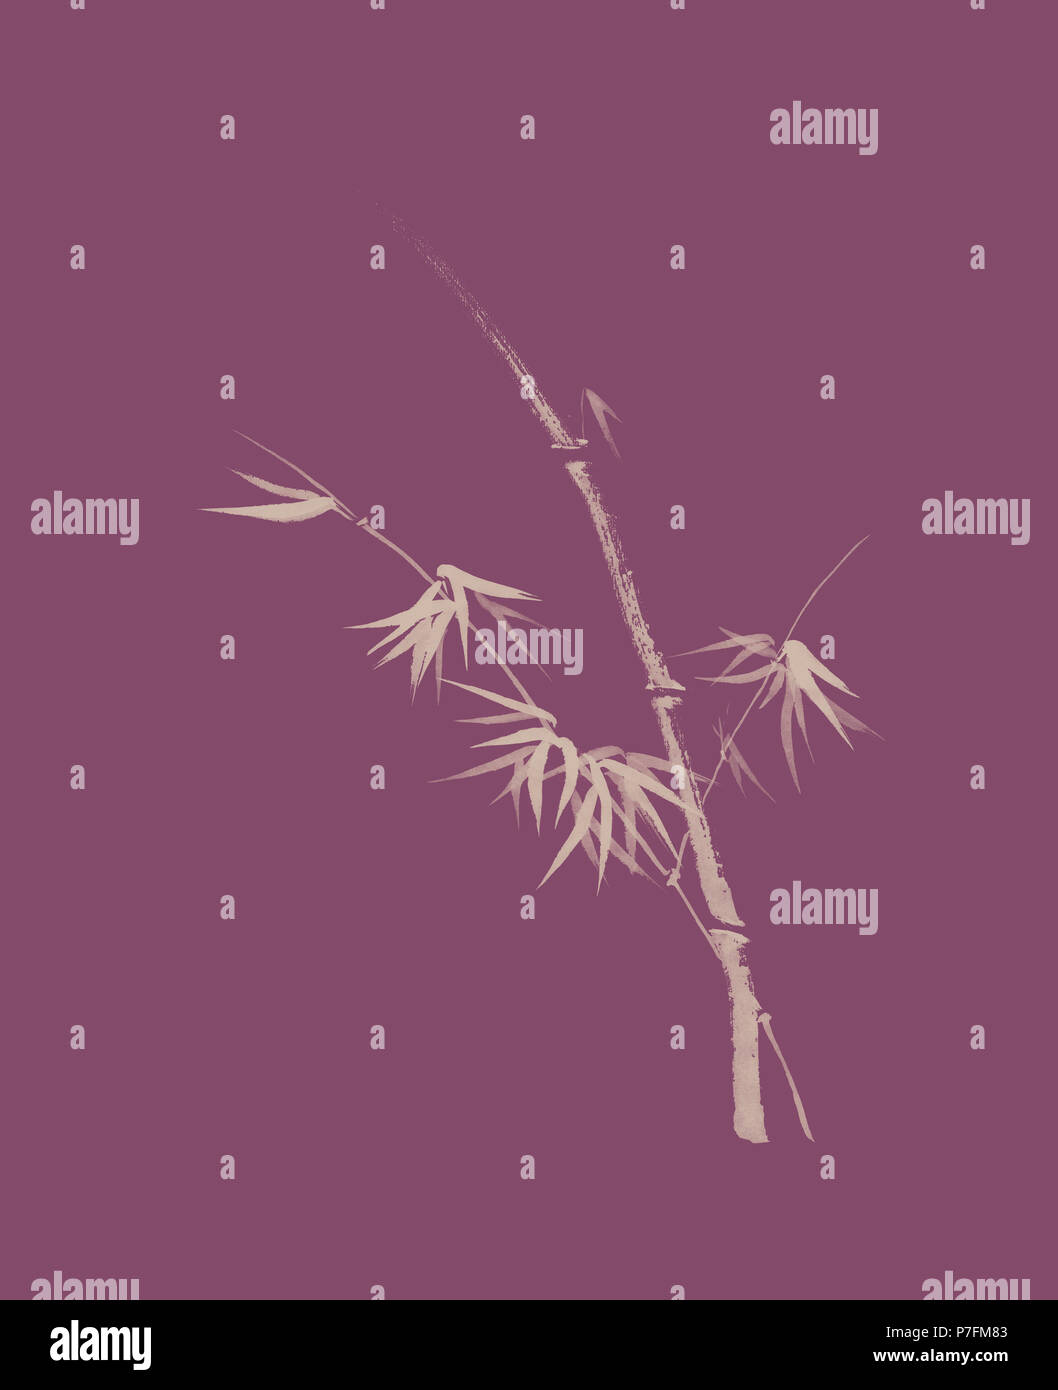 Conception artistique exquis dans oriental Zen japonais style de peinture à l'encre de la tige de bambou avec les jeunes feuilles, illustration sur dusty Photo Stock